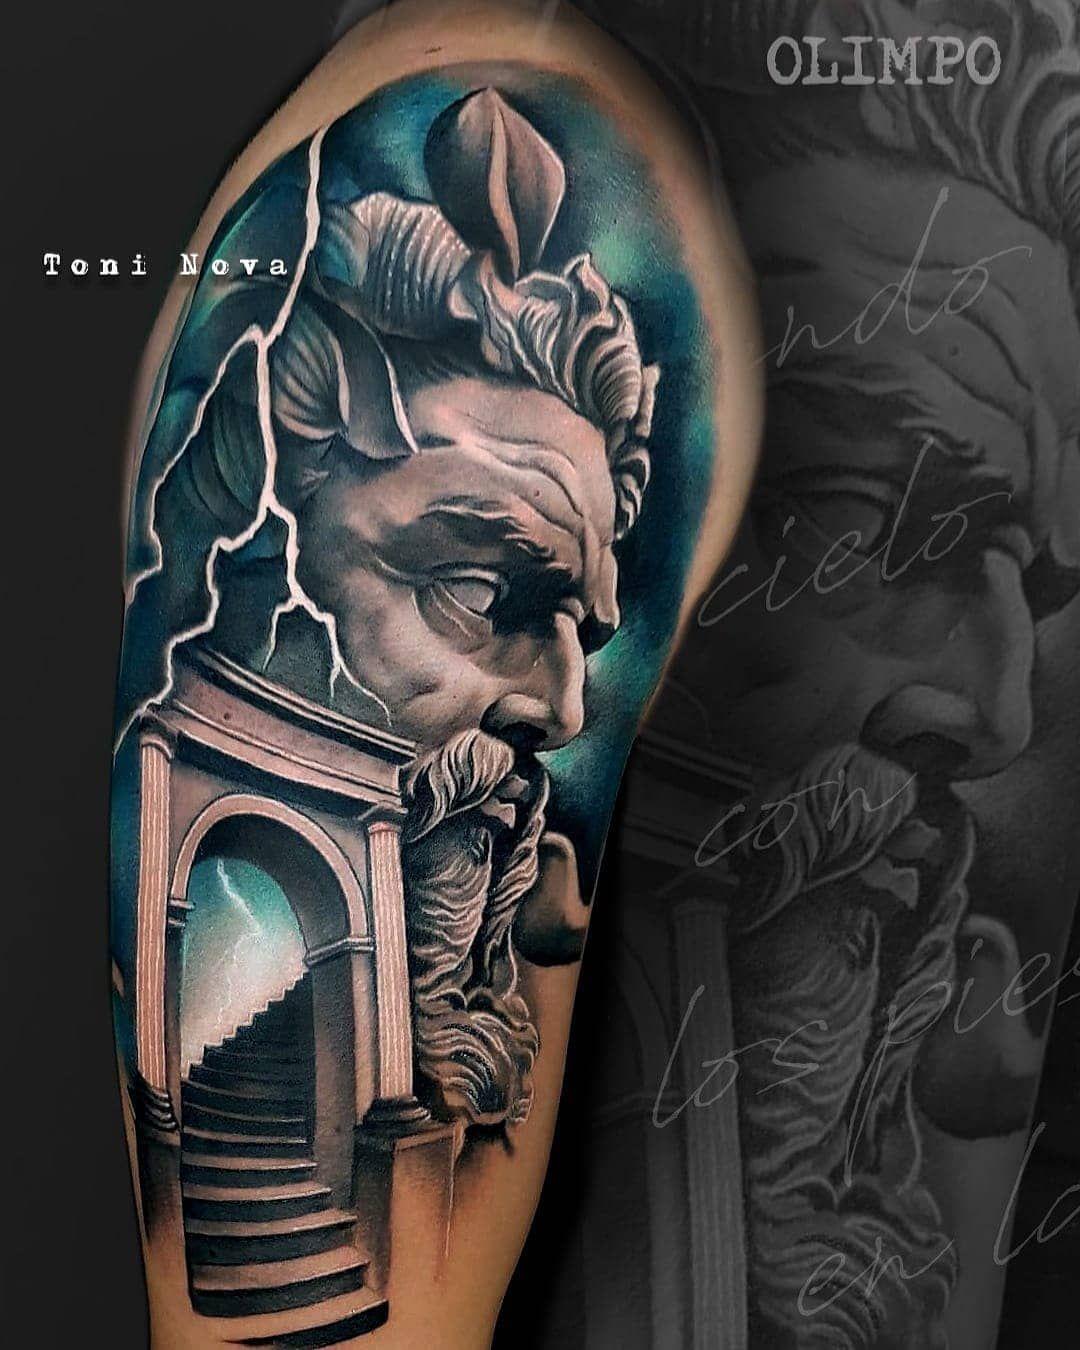 Tattoo Artist Toni Nova Zeus Tattoo Greek God Tattoo Mythology Tattoos